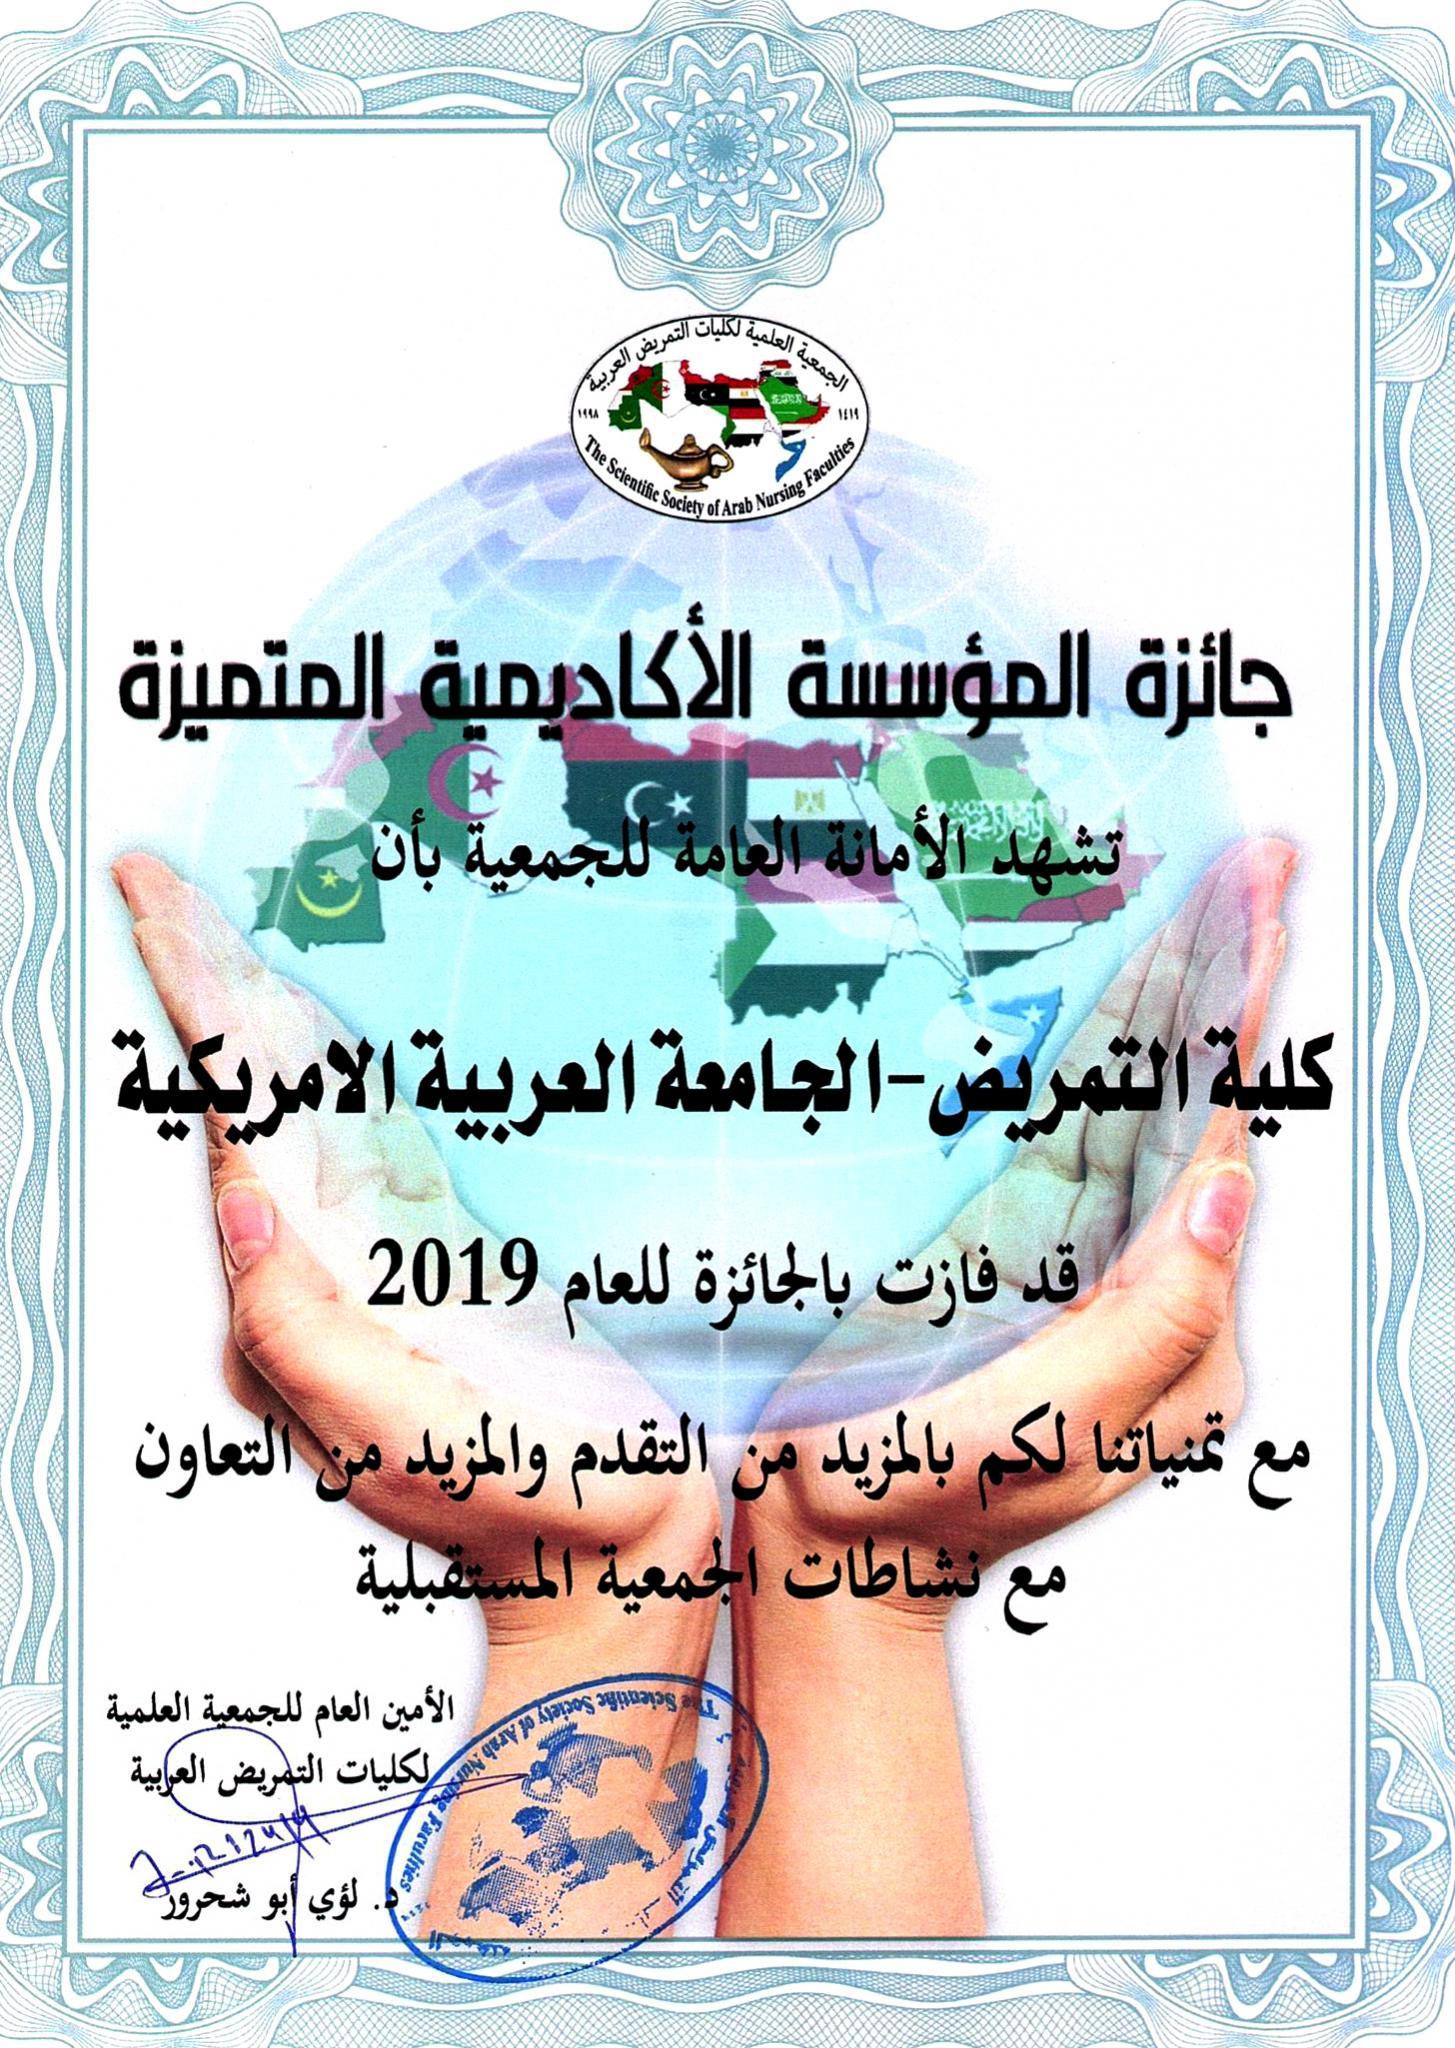 شهادة التميز لكلية التمريض باعتبارها المؤسسة المتميزة للعام عربيا 2019